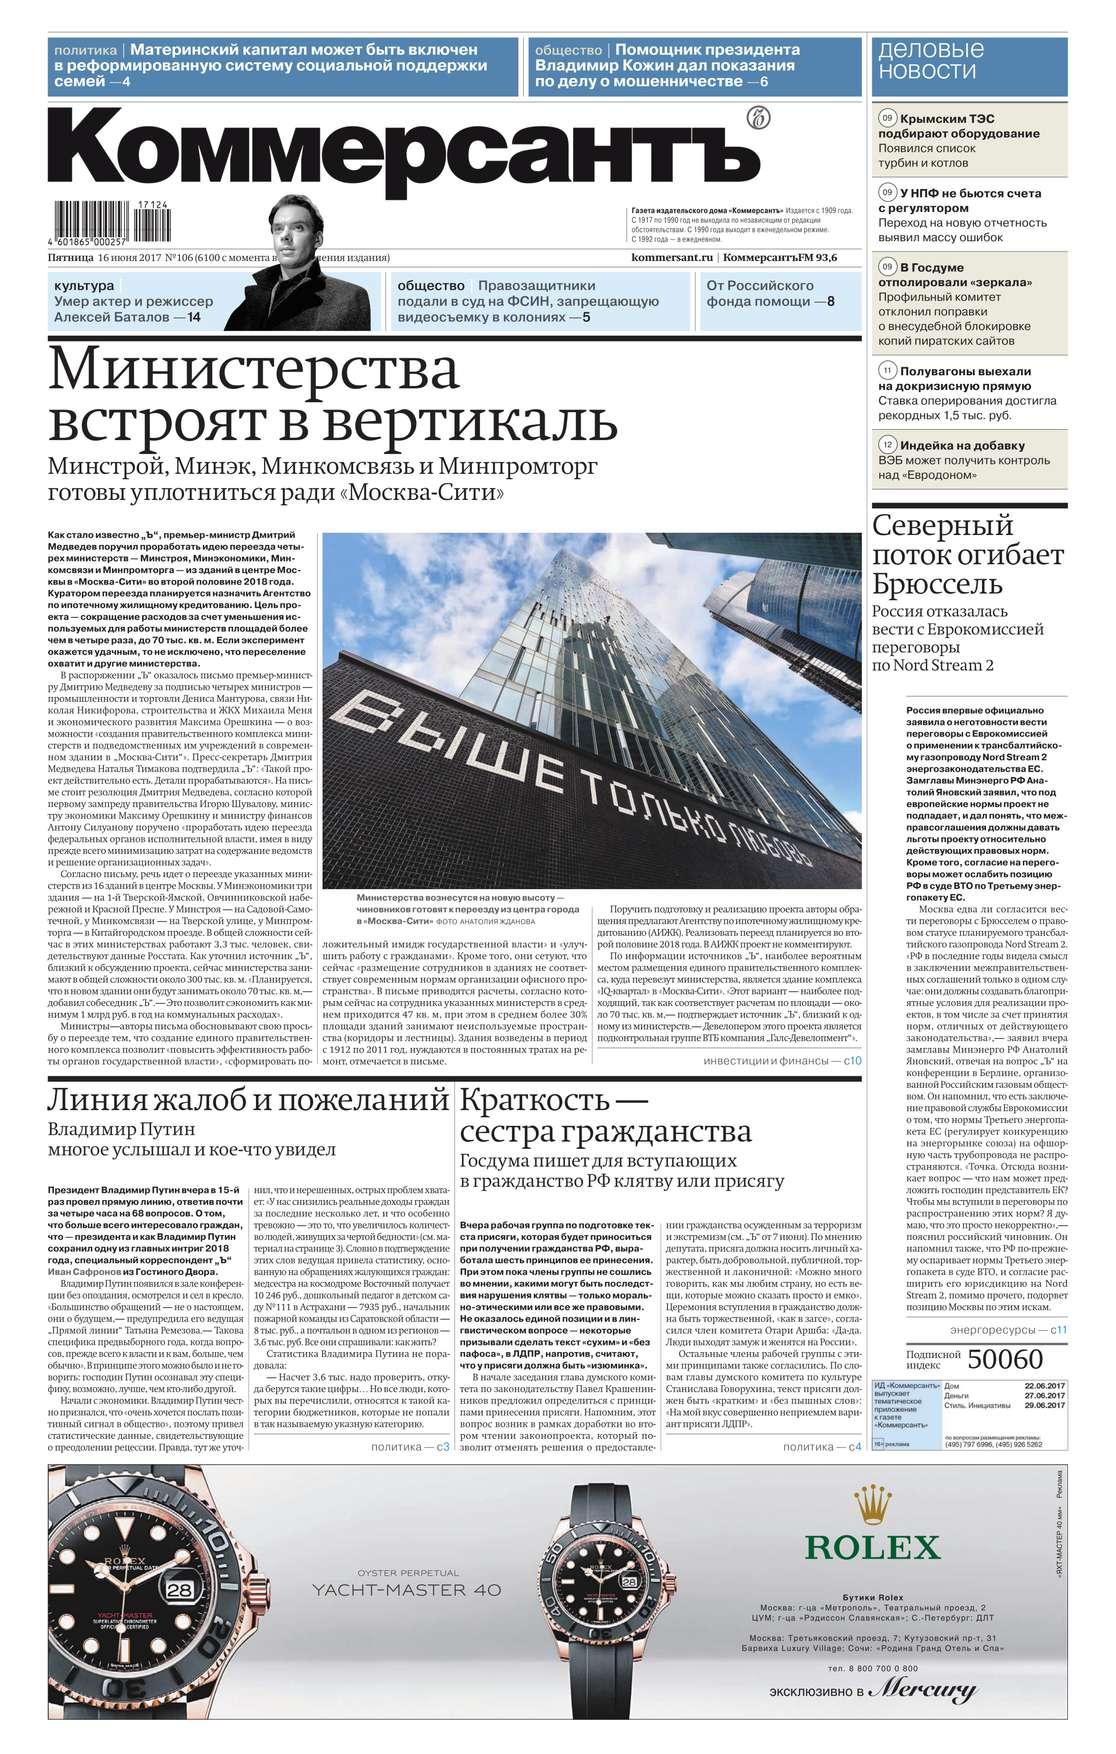 Редакция газеты Коммерсантъ (понедельник-пятница) Коммерсантъ (понедельник-пятница) 106-2017 цена